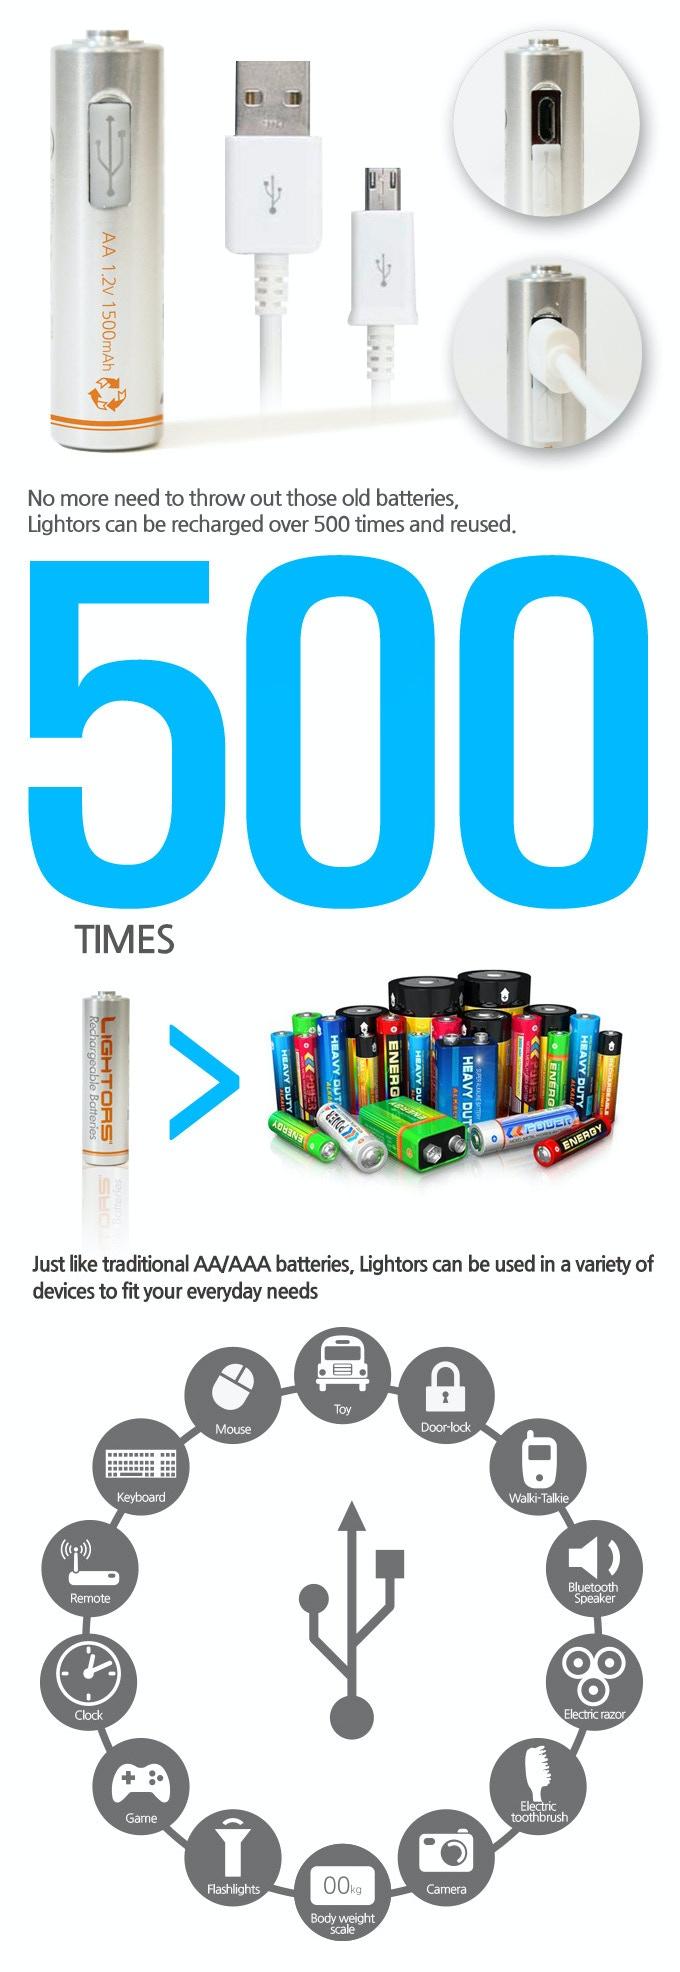 可进行USB充电的AA电池LIGHTORS-详细描述-玩意儿